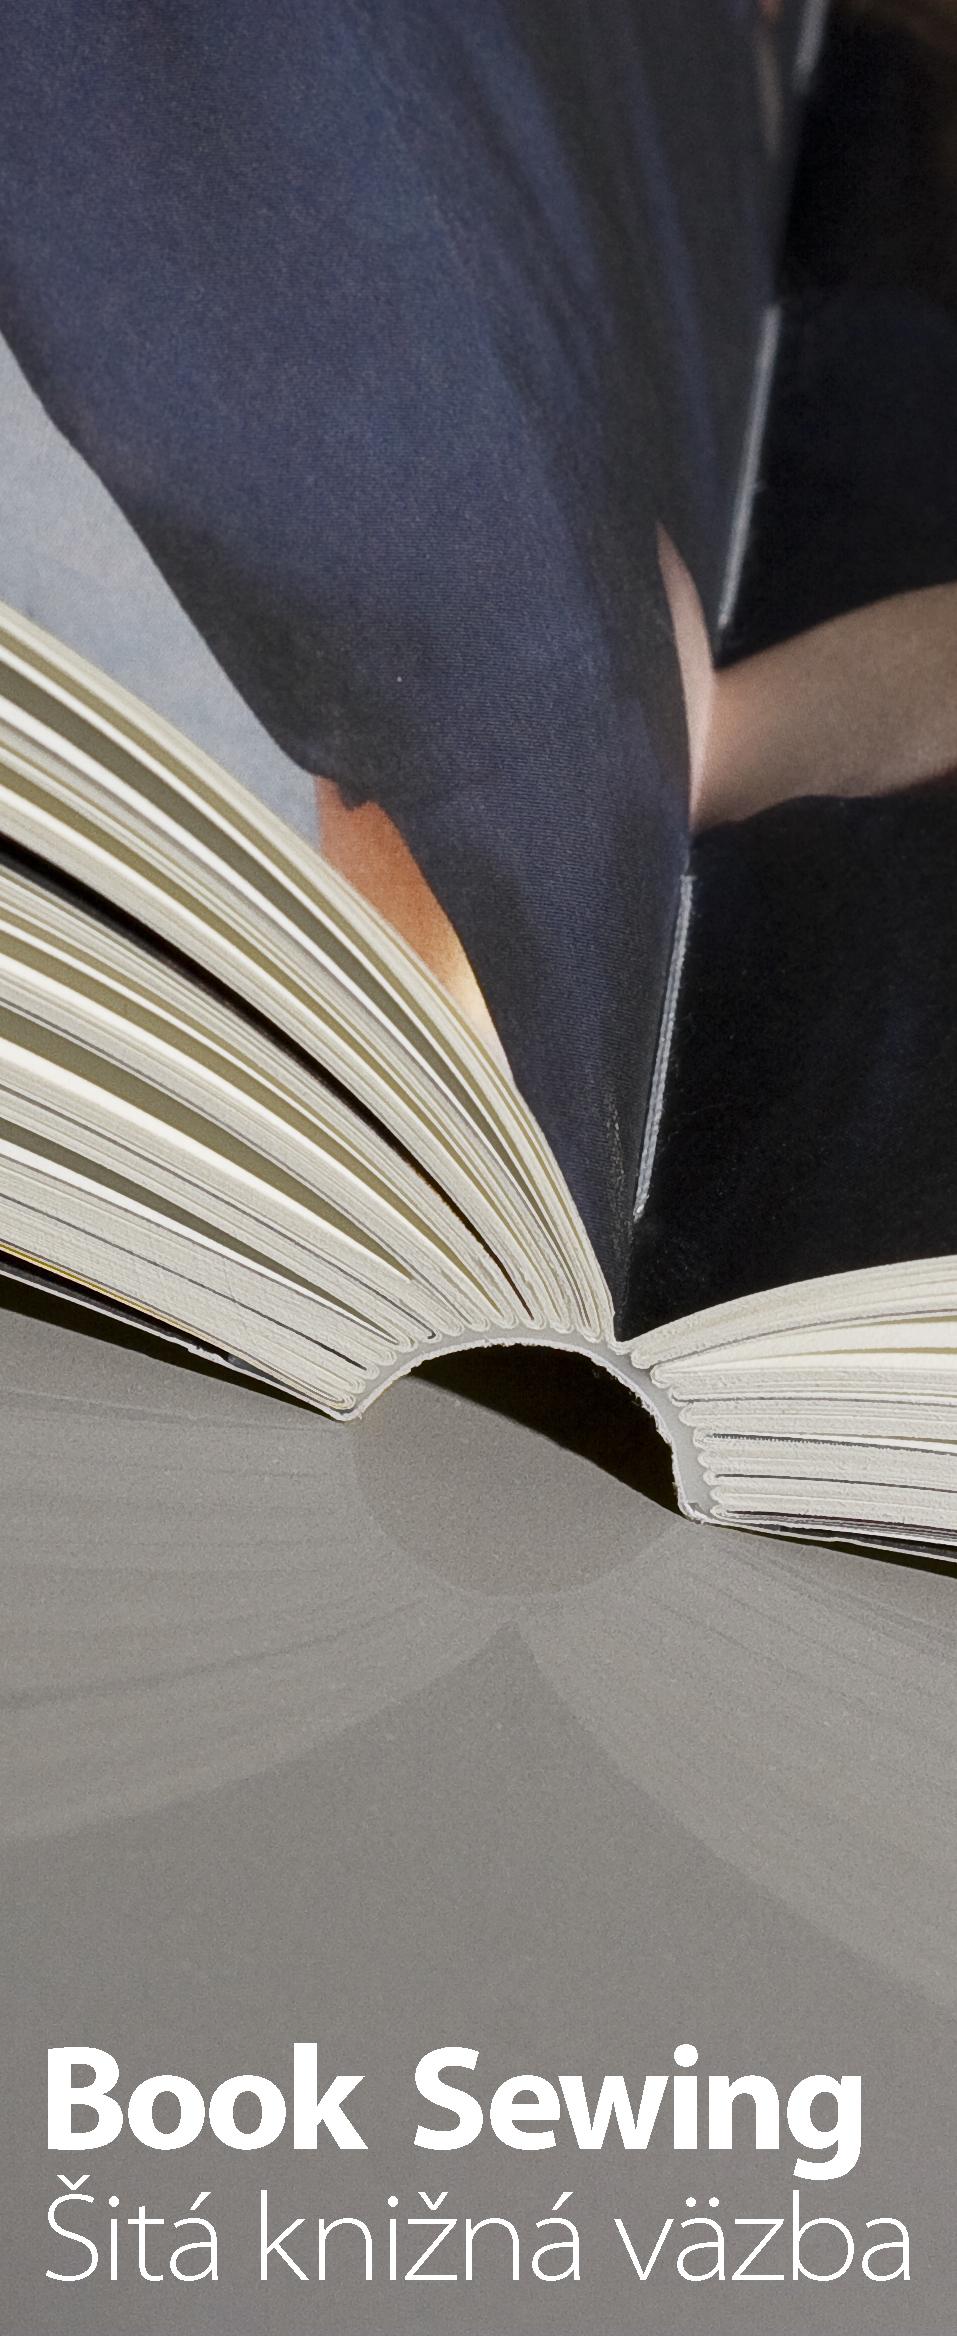 polygrafický slovník online